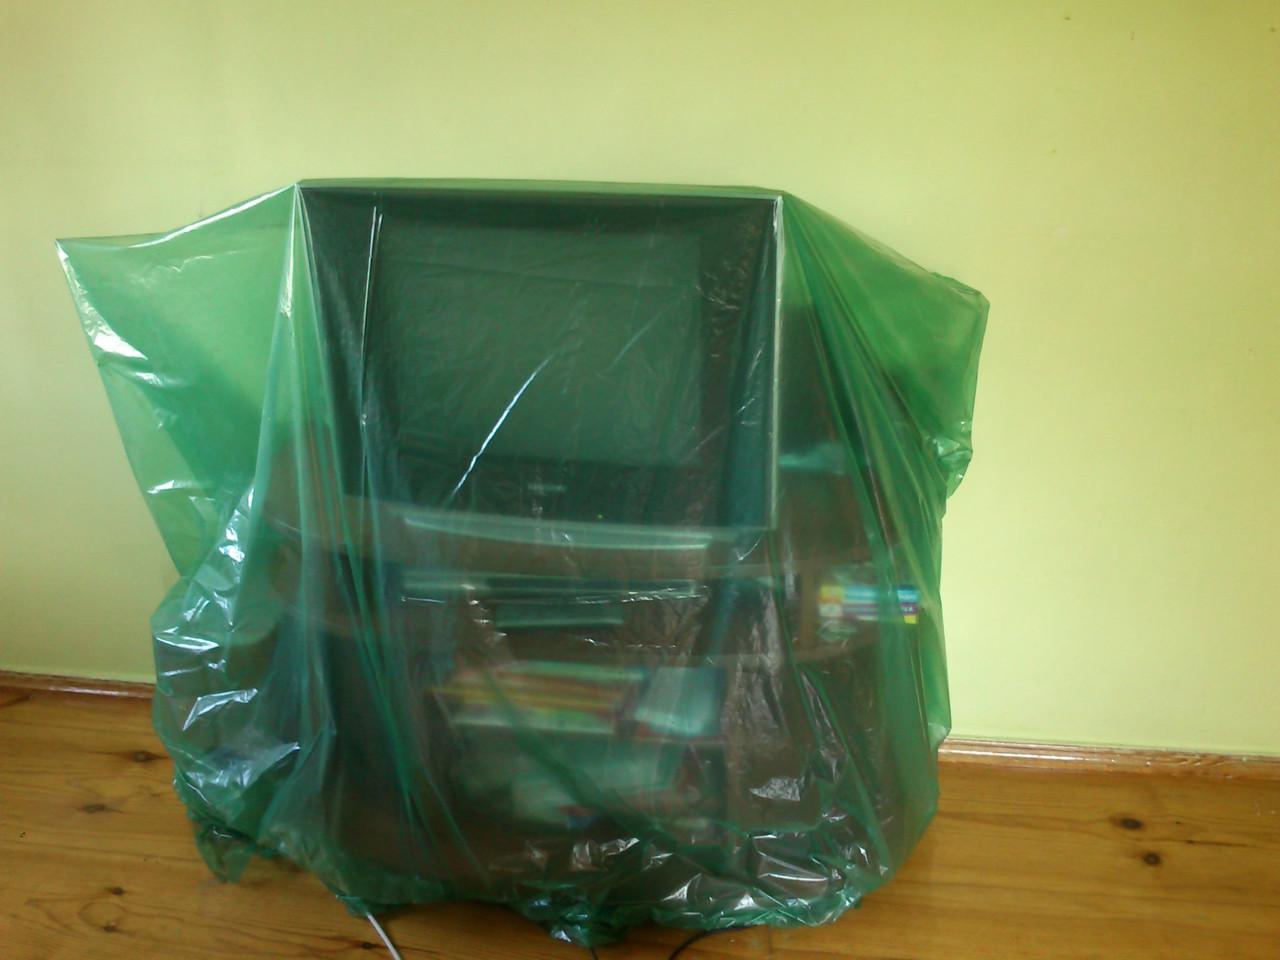 Пленка зеленаяя строительная для укрытия и защиты мебели во время ремонта, 3 м ширина, 30 мкм толщина